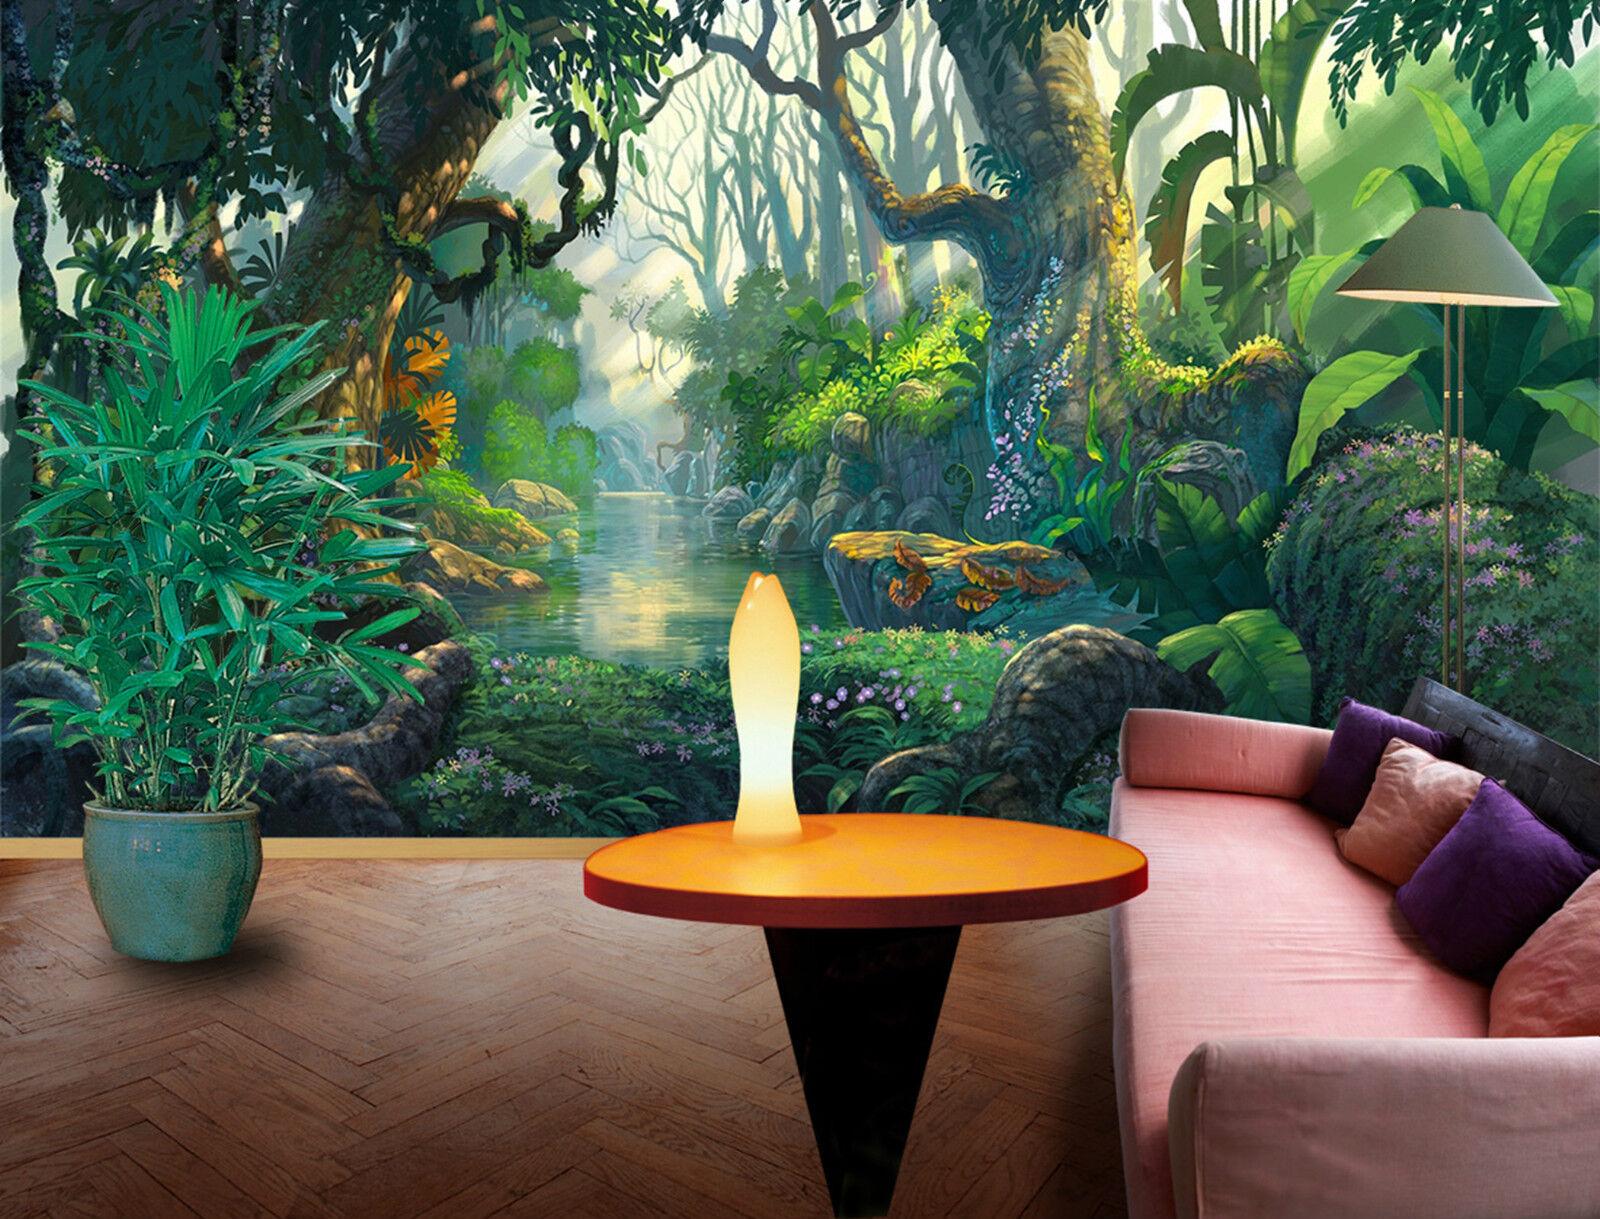 3D Dschungel 379 Fototapeten Wandbild Fototapete Bild Tapete Familie Kinder DE